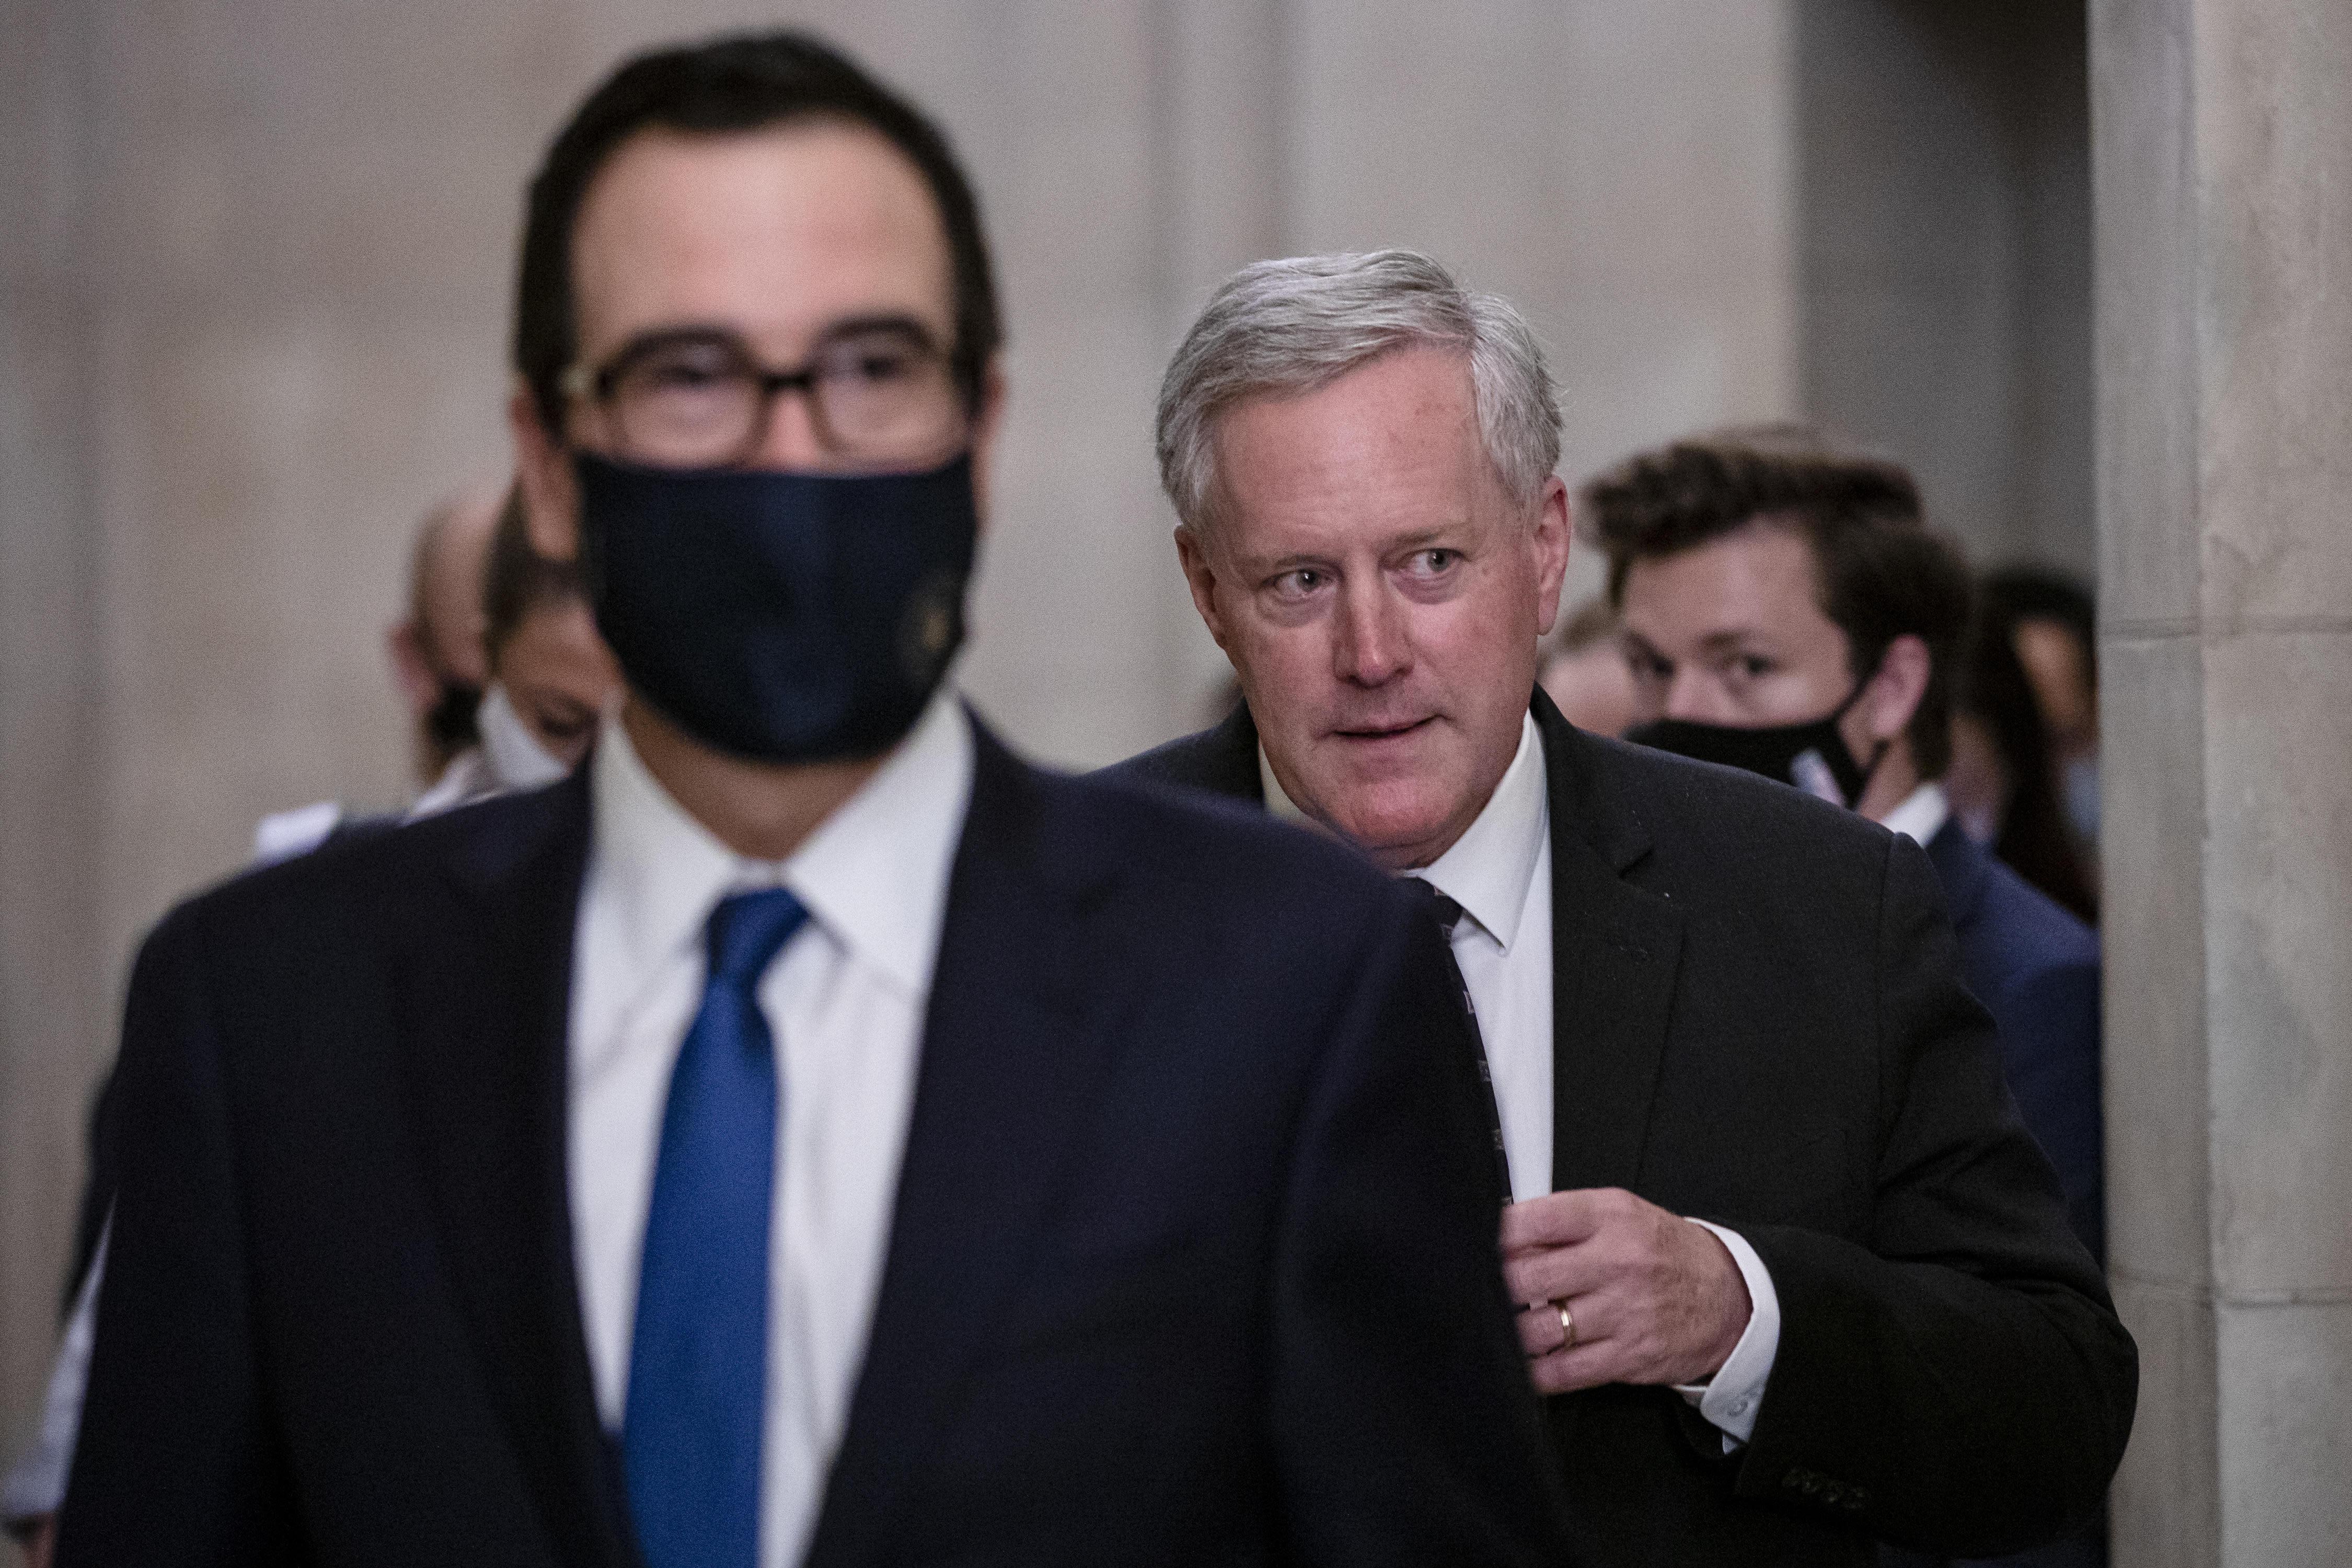 Mnuchin says both GOP, Pelosi agree to avoid shutdown